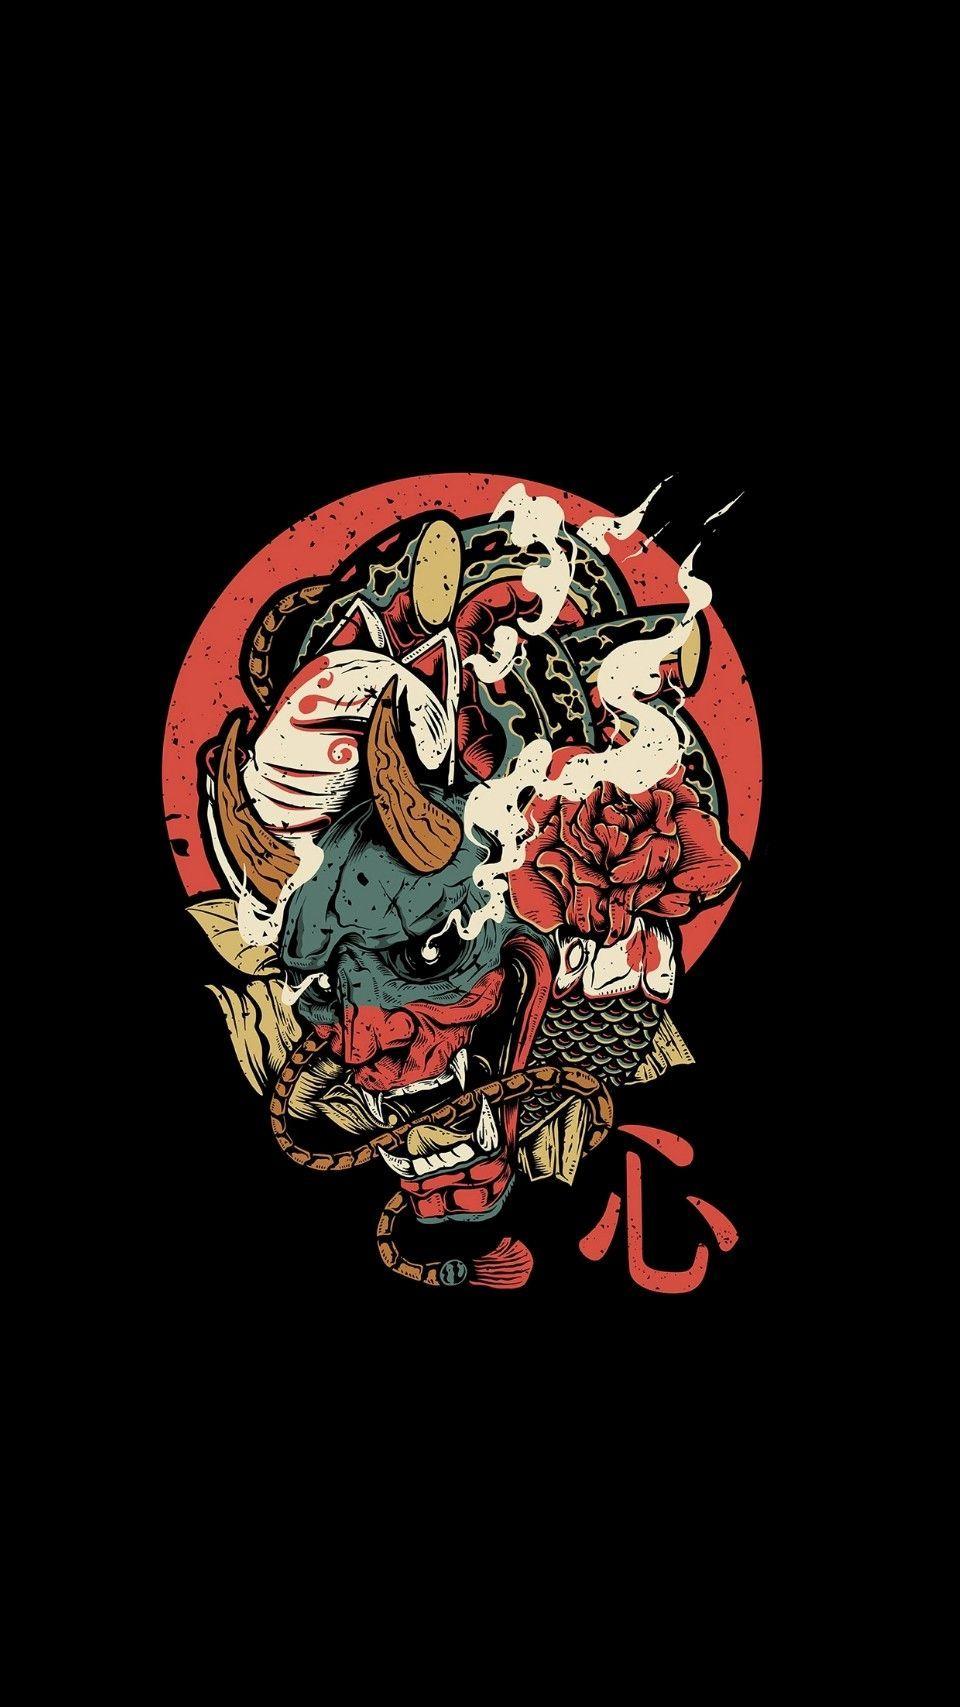 Samurai Aesthetic Wallpapers ...